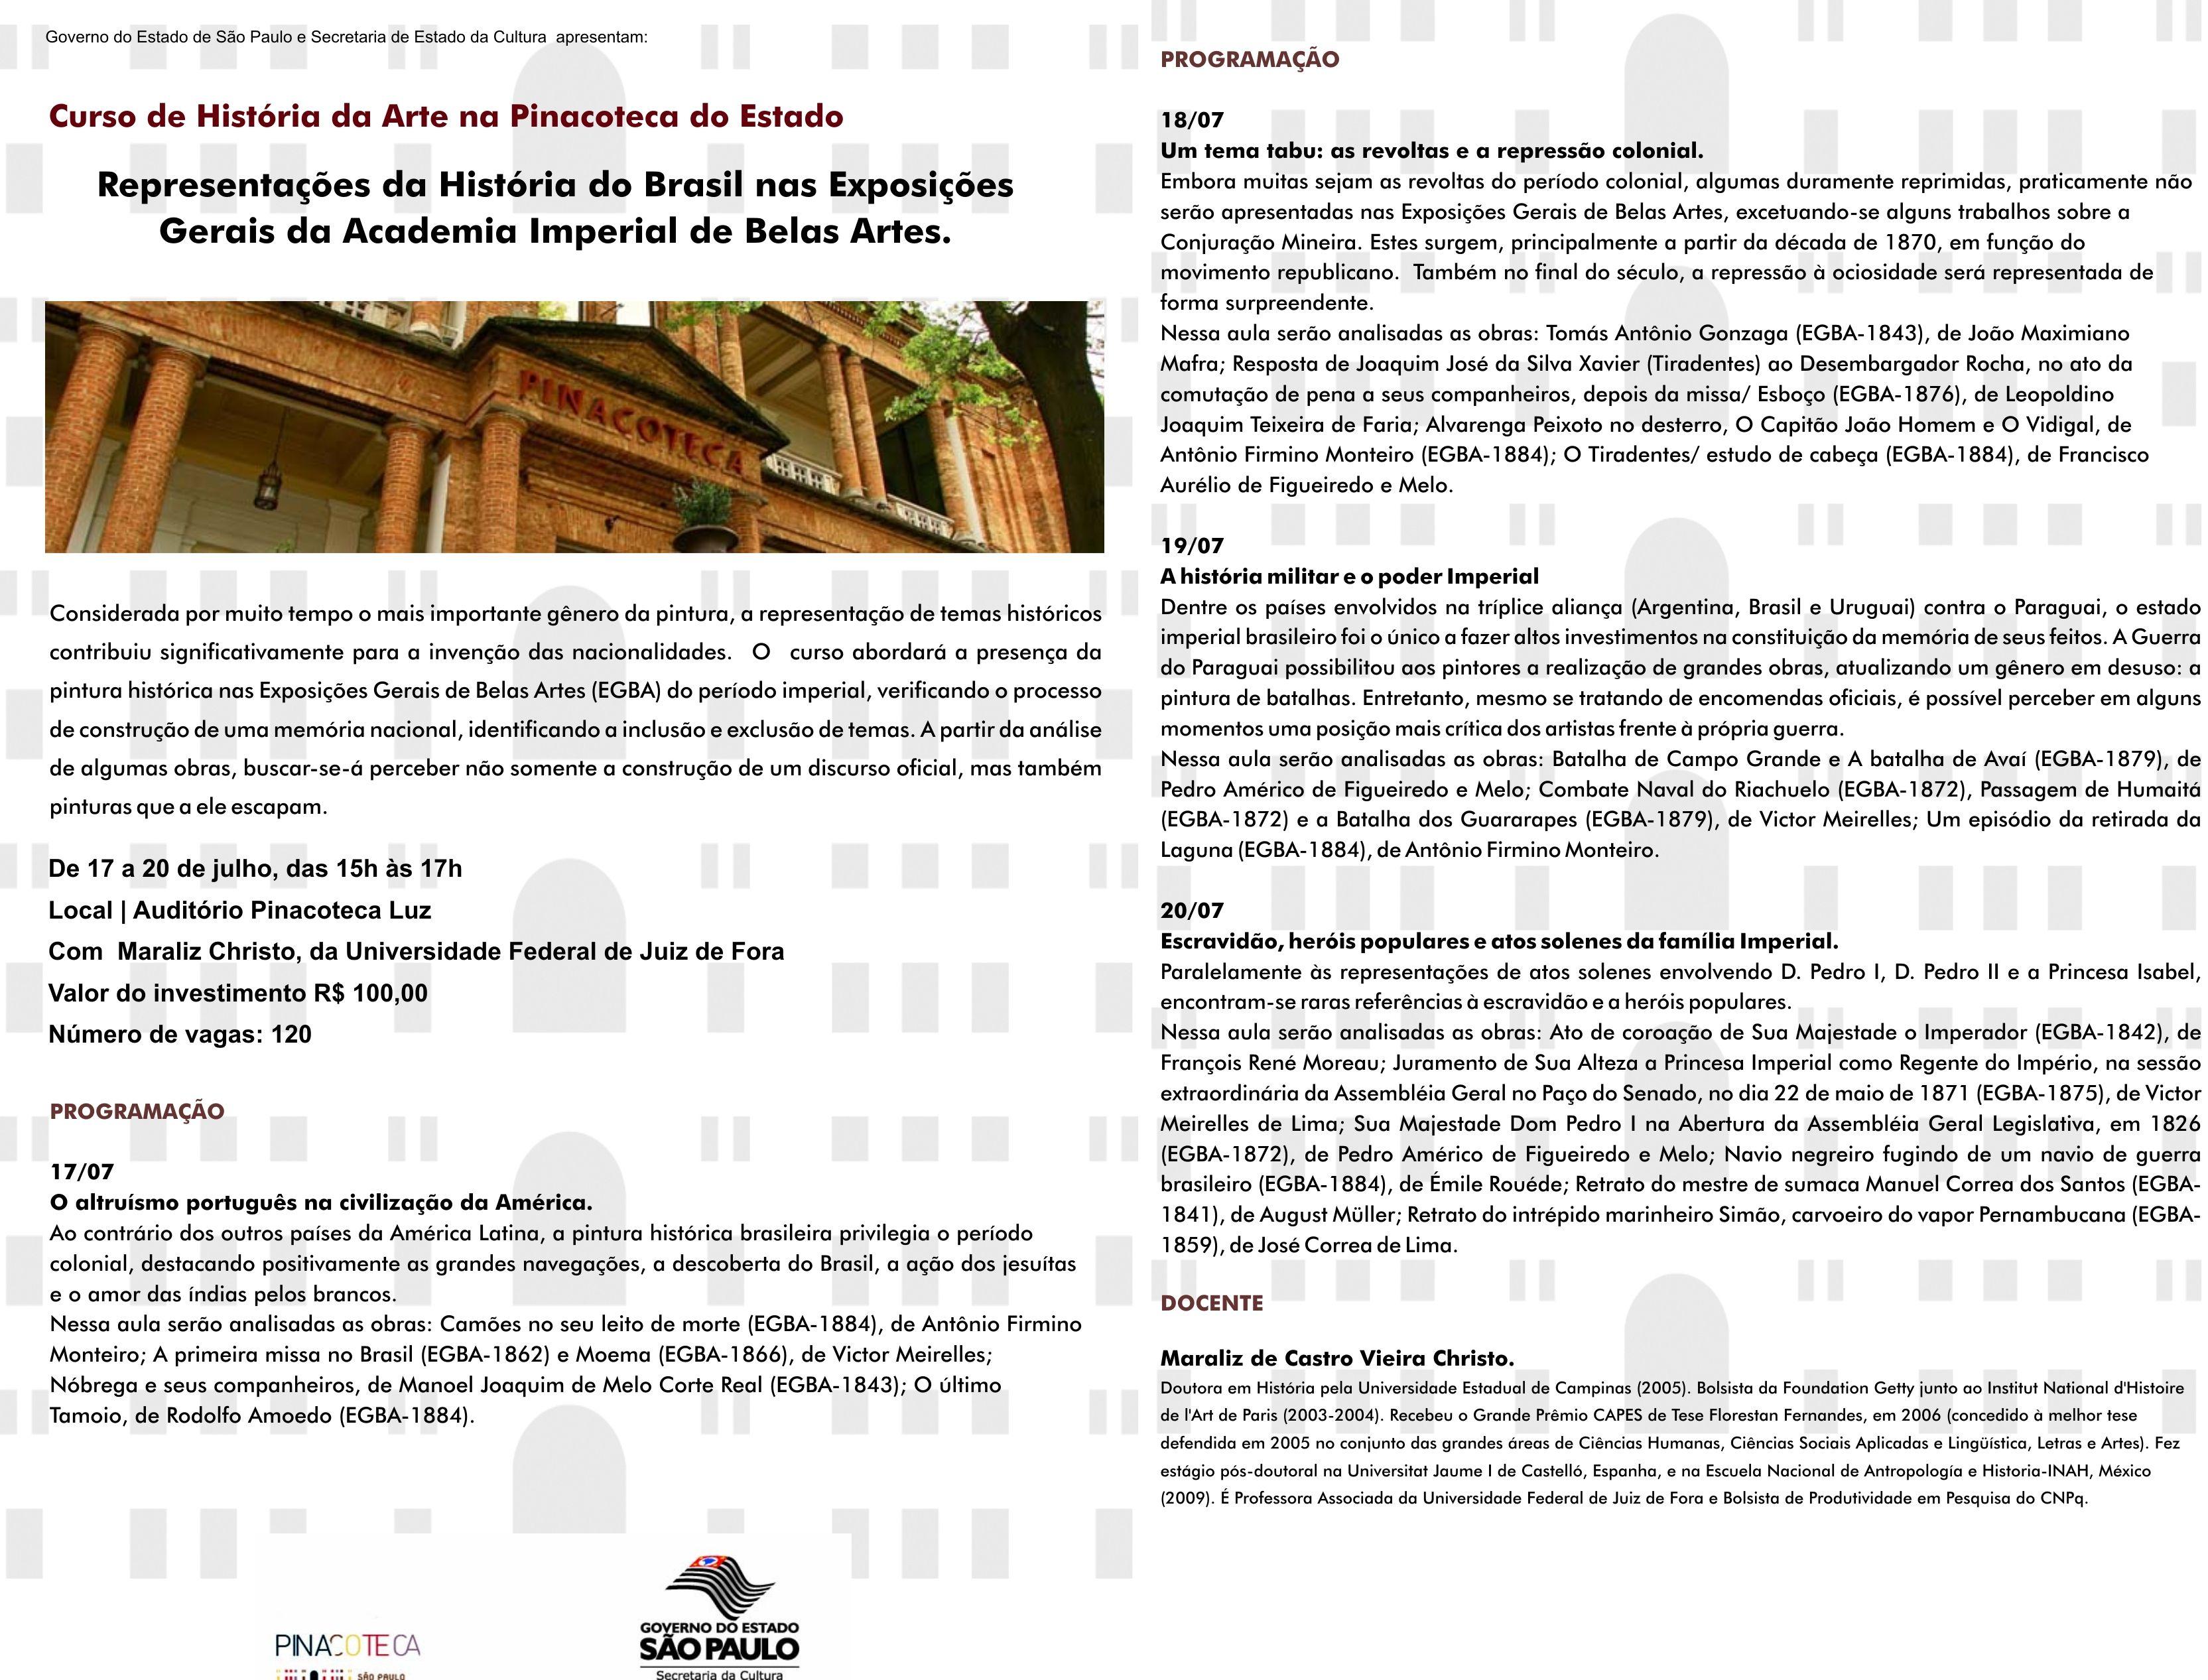 Curso De Ferias Sobre Historia Da Arte Na Pinacoteca Do Estado De